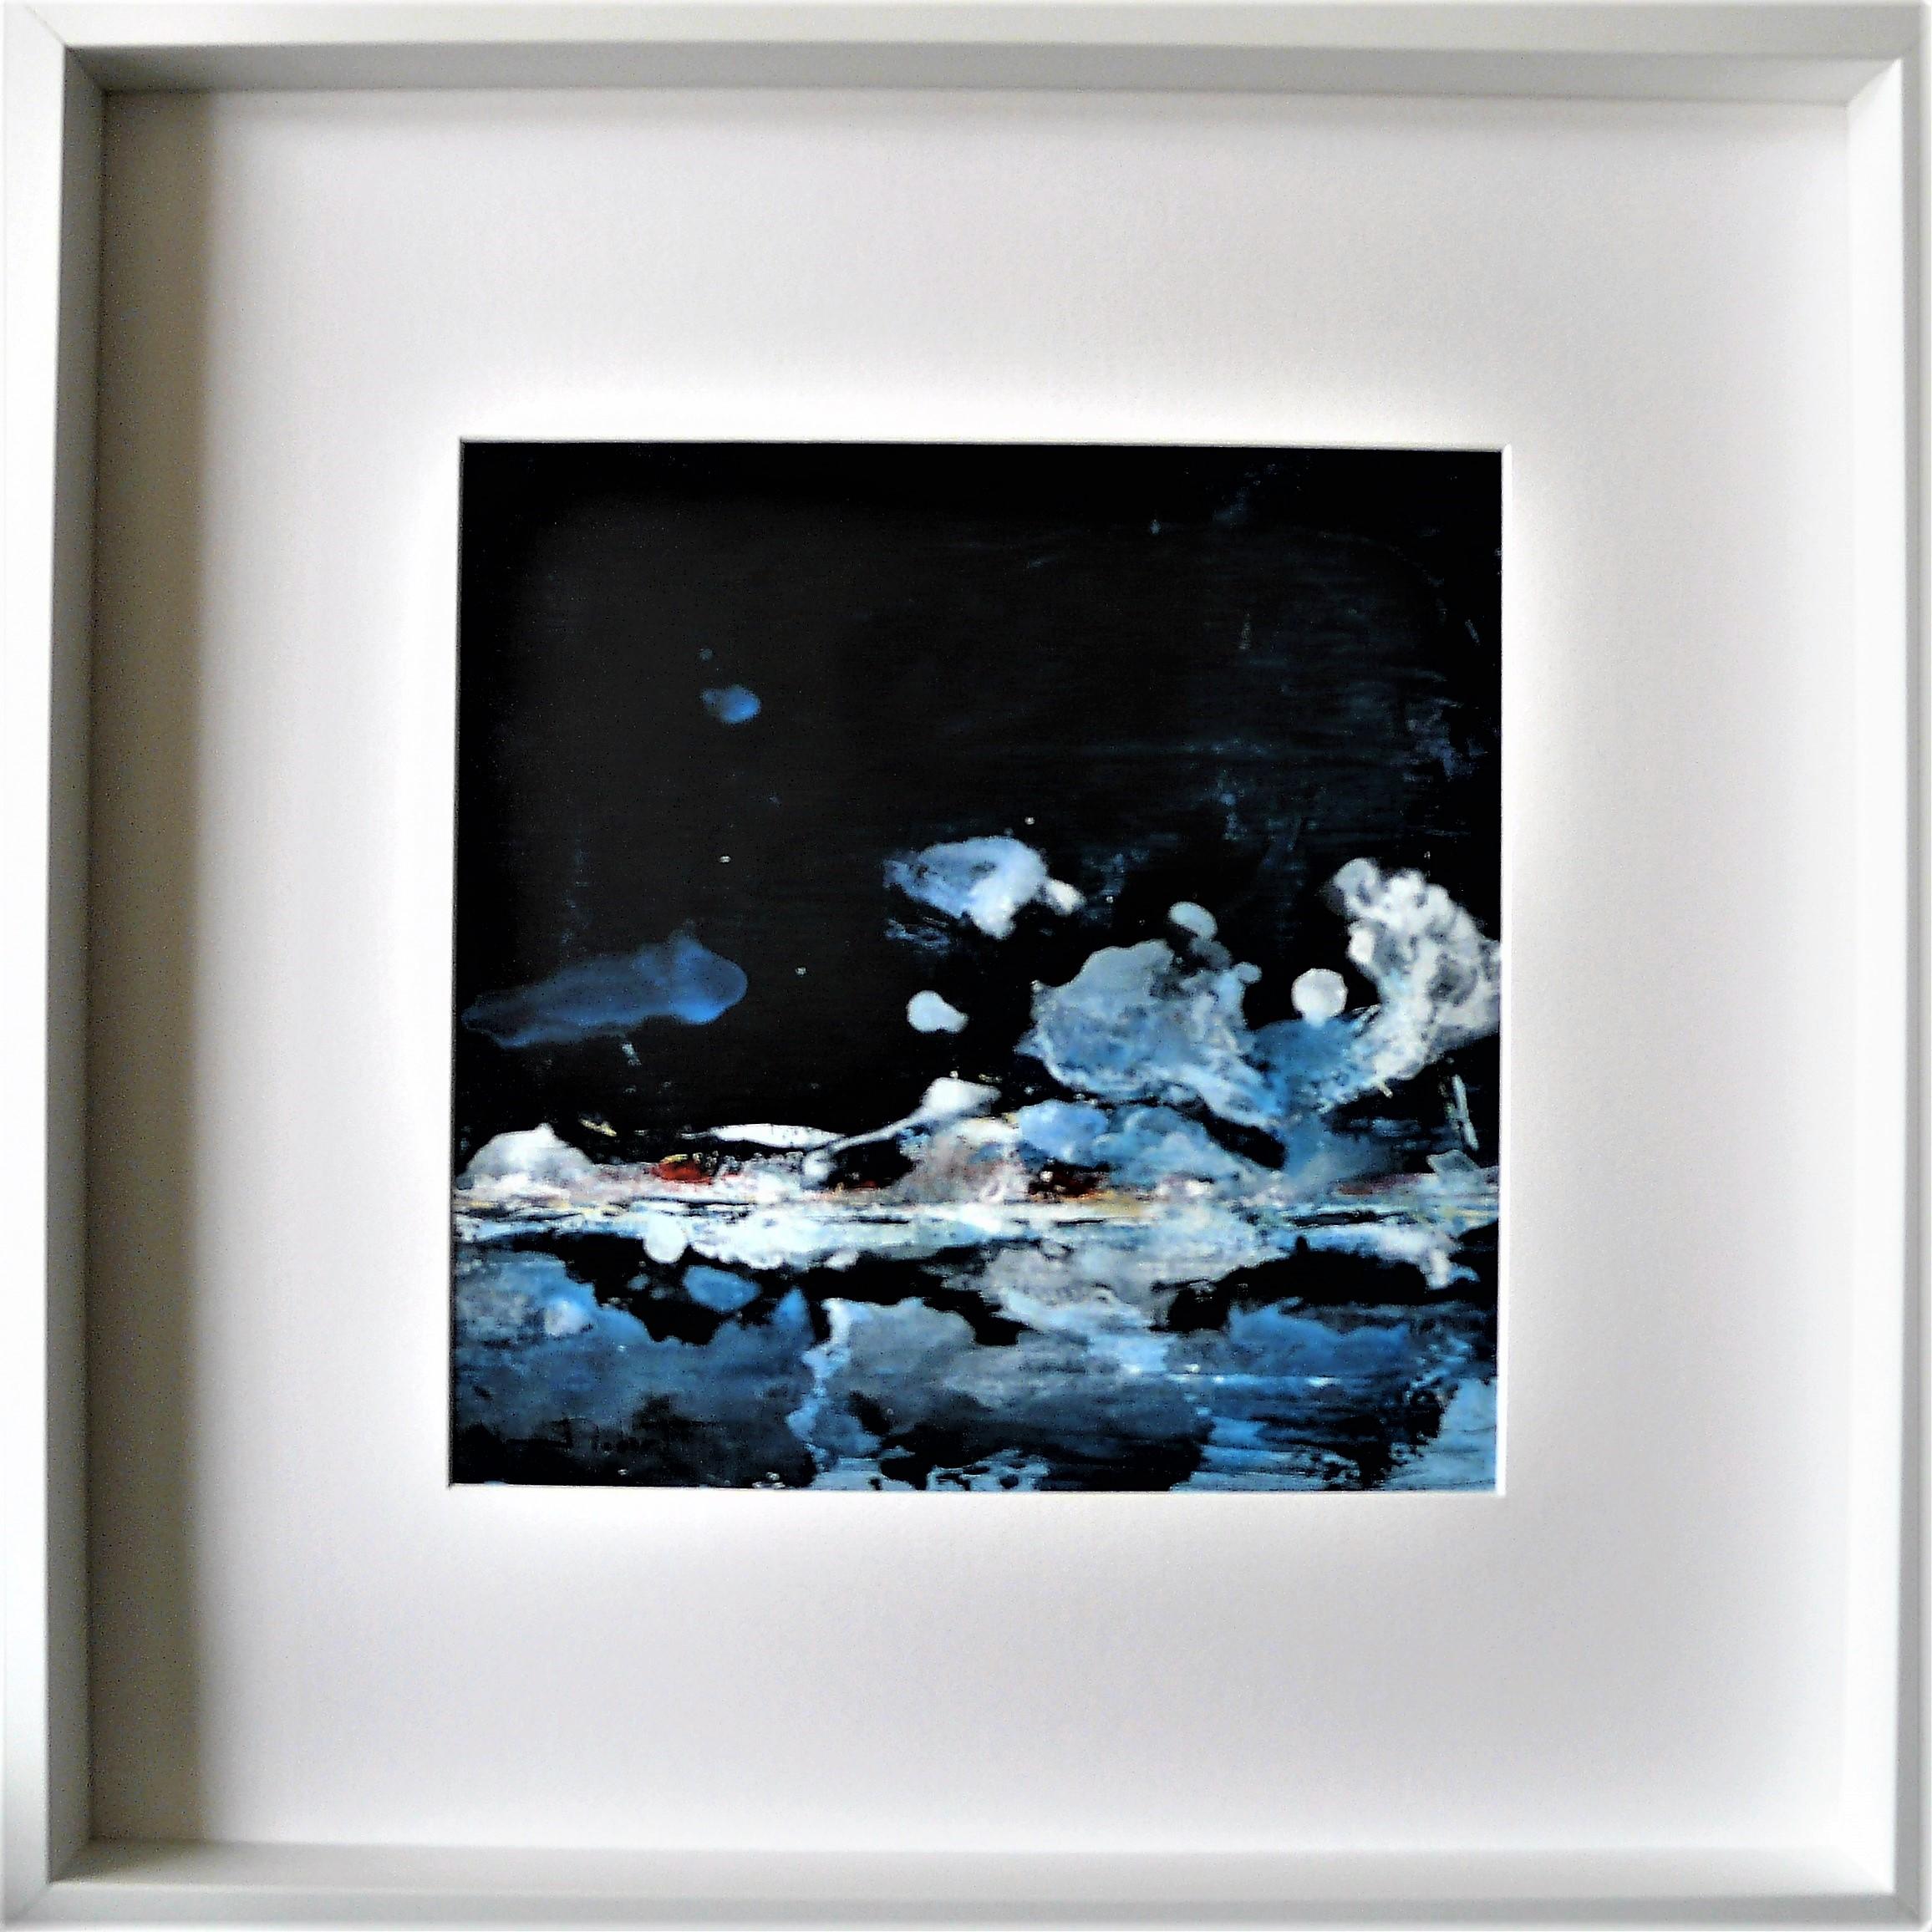 Océan mer pm num 9 acrylique sur papier toilé 30x30 et 50x50 cm avec cadre